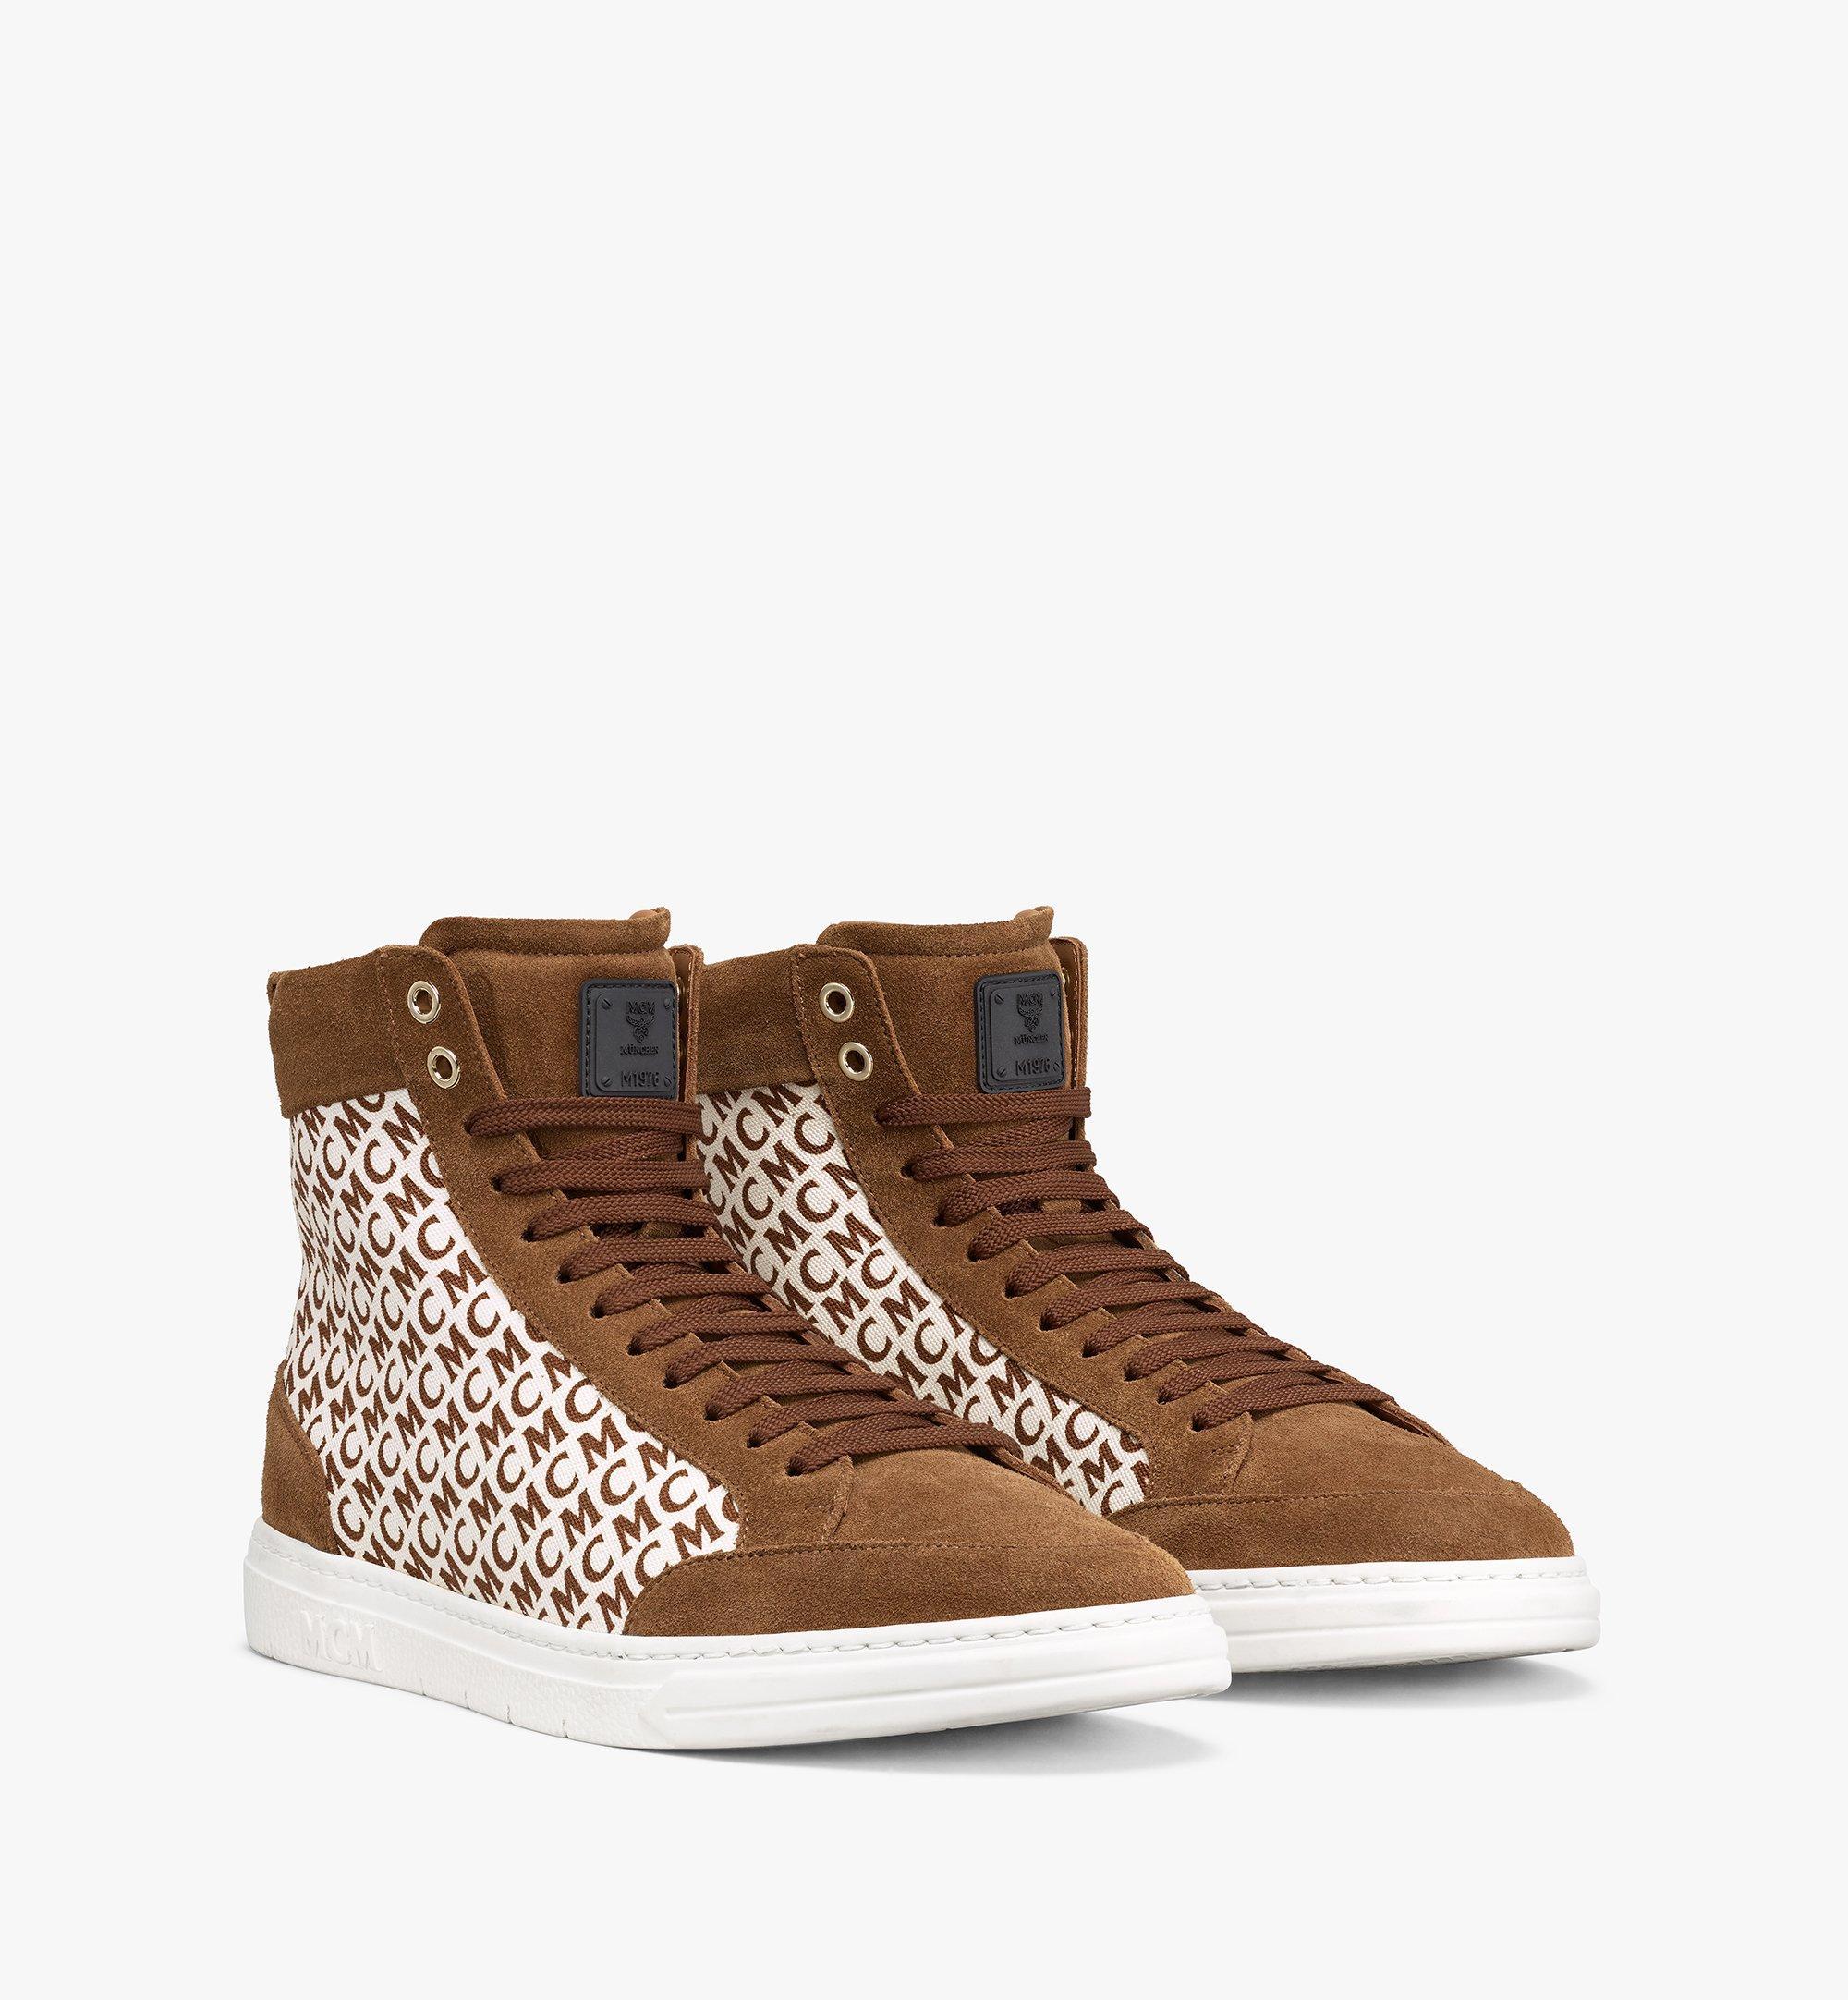 MCM Men's Terrain Hi Sneakers in Diagonal Monogram Canvas Brown MEXBSMM08N7041 Alternate View 1